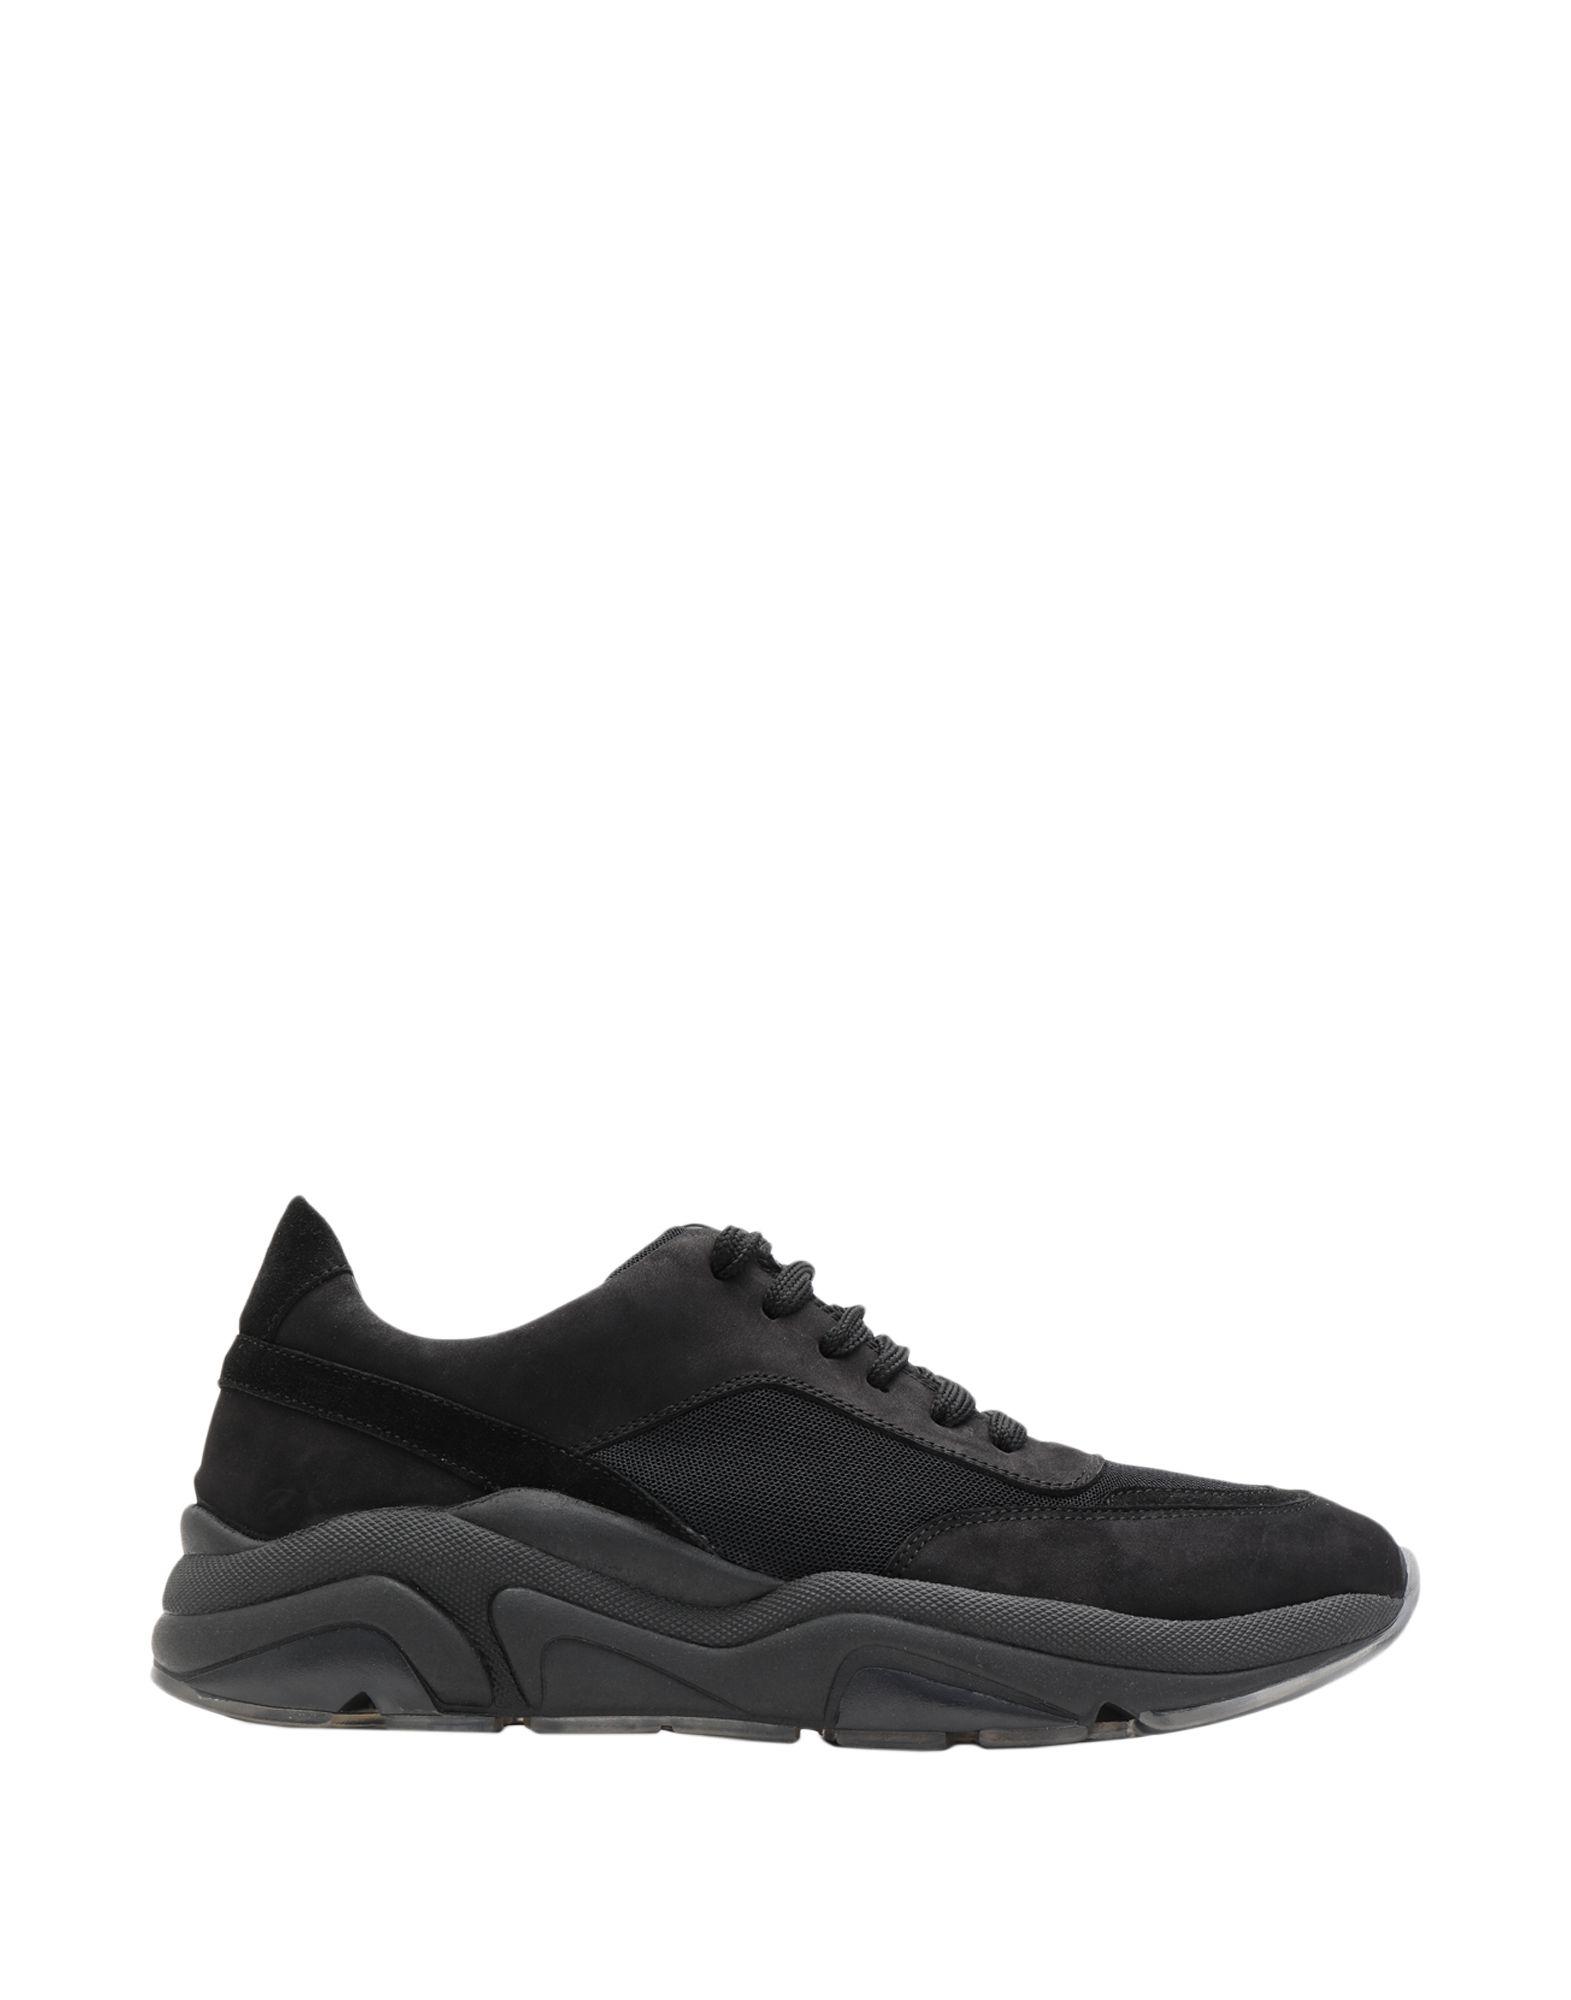 купить кроссовки для тенниса в интернет магазине